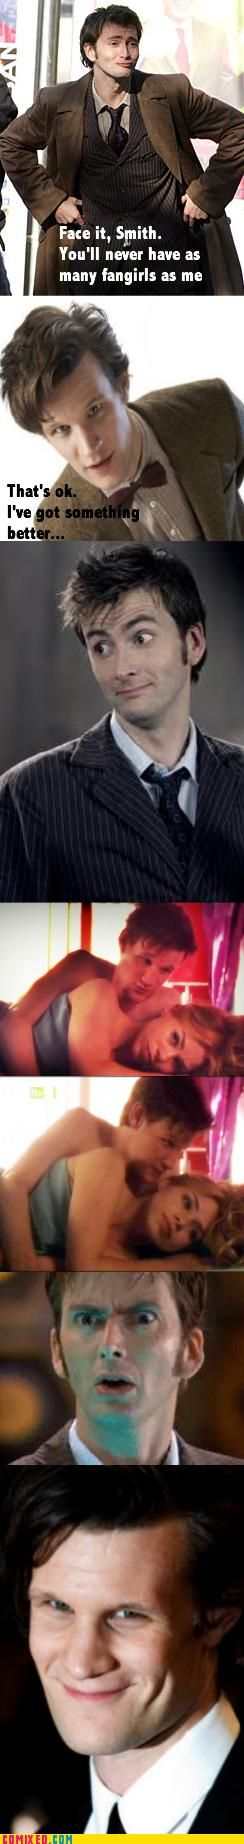 David's duckface in the first shot... Lol!